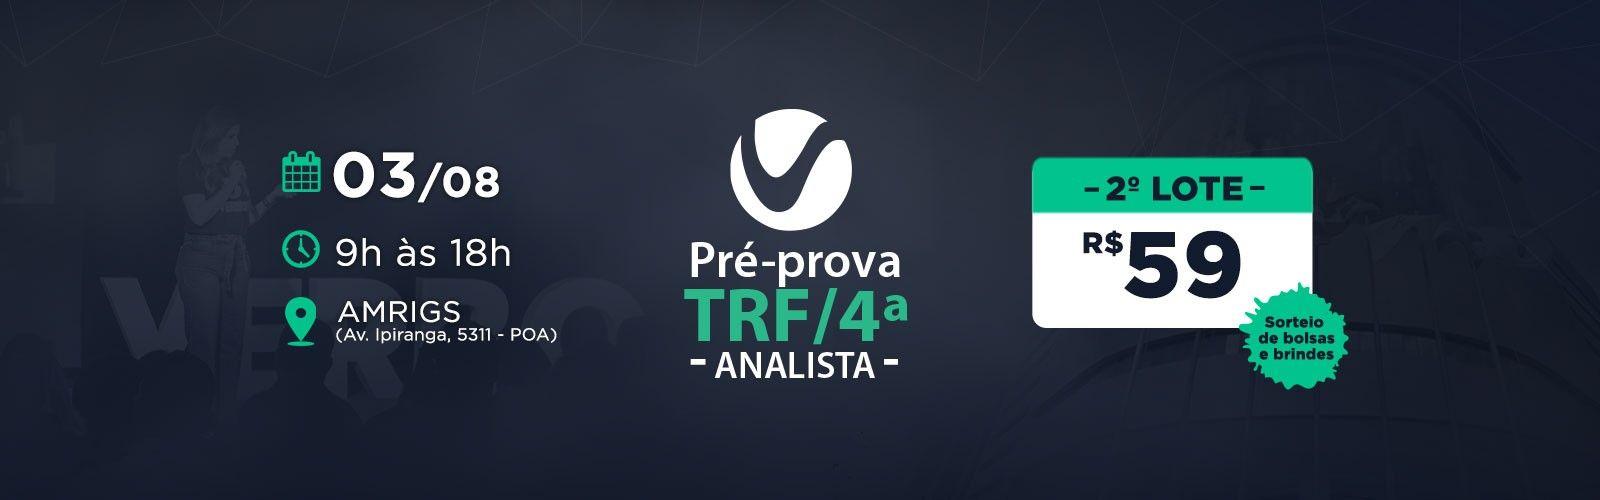 Aulão TRF/4ª